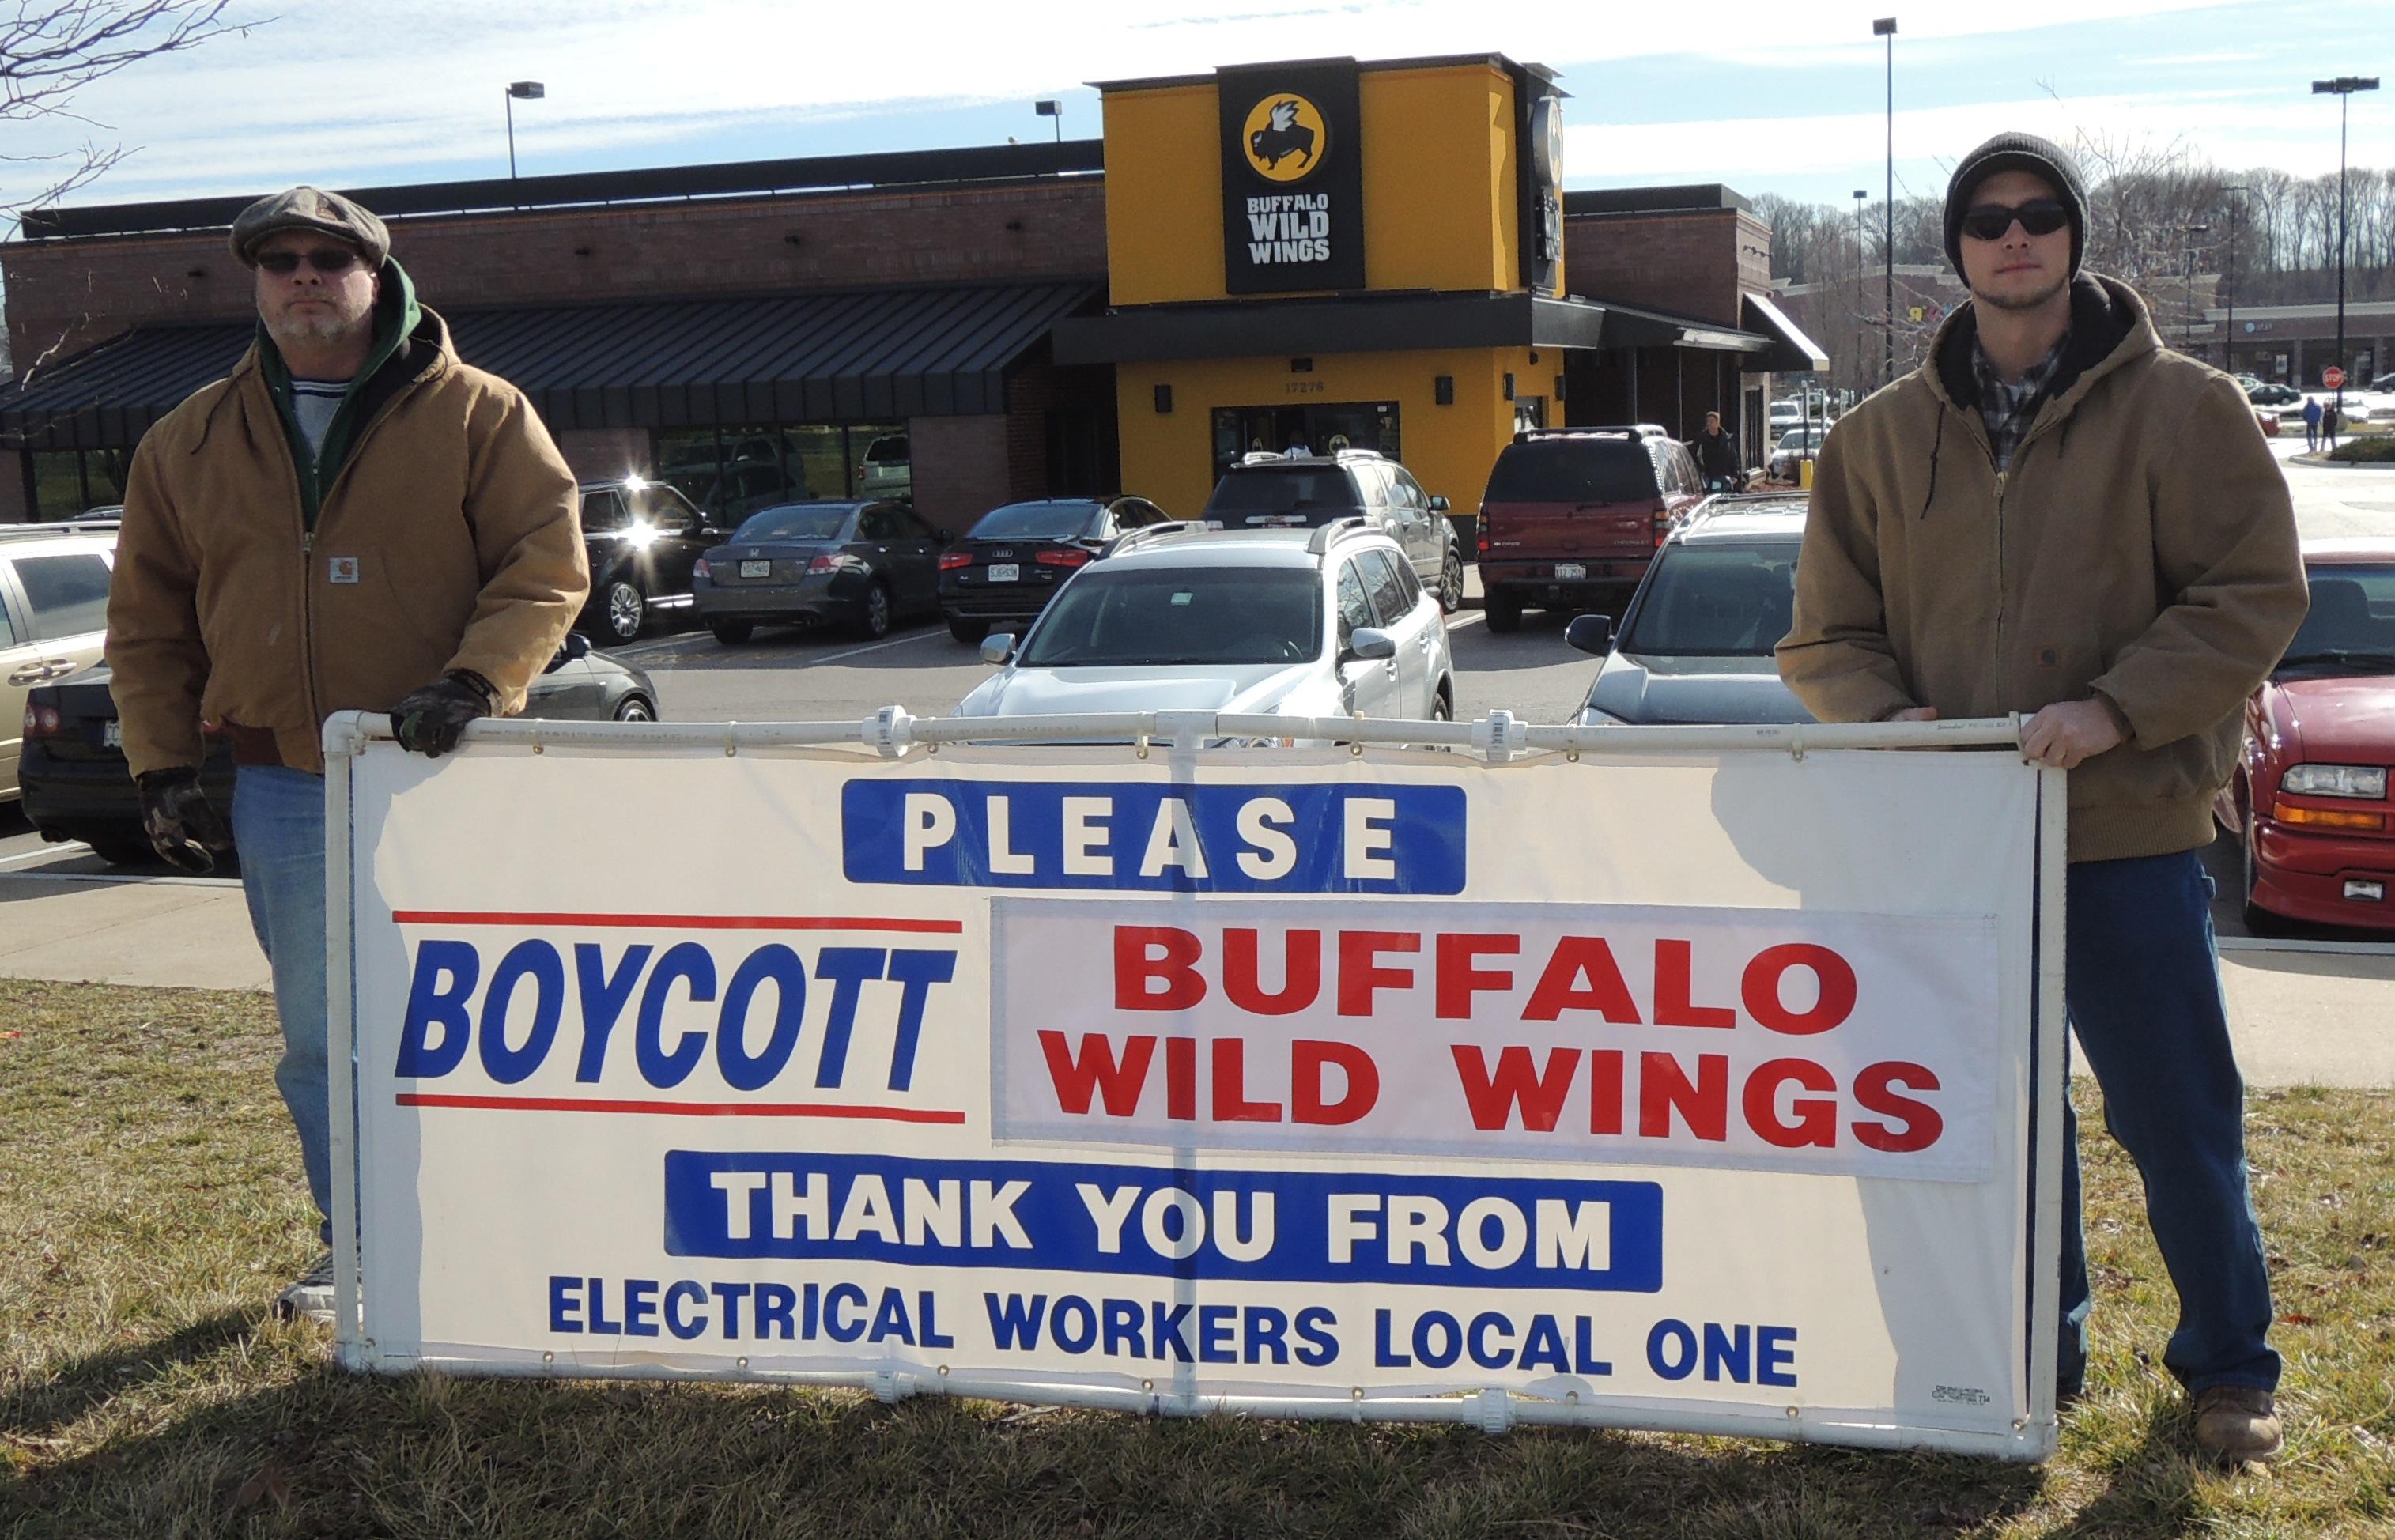 Journeyman Wireman Gregory Van Pelt Sr. (left) and his son Apprentice Gregory Van Pelt Jr. (right), bannered in front of the restaurant.